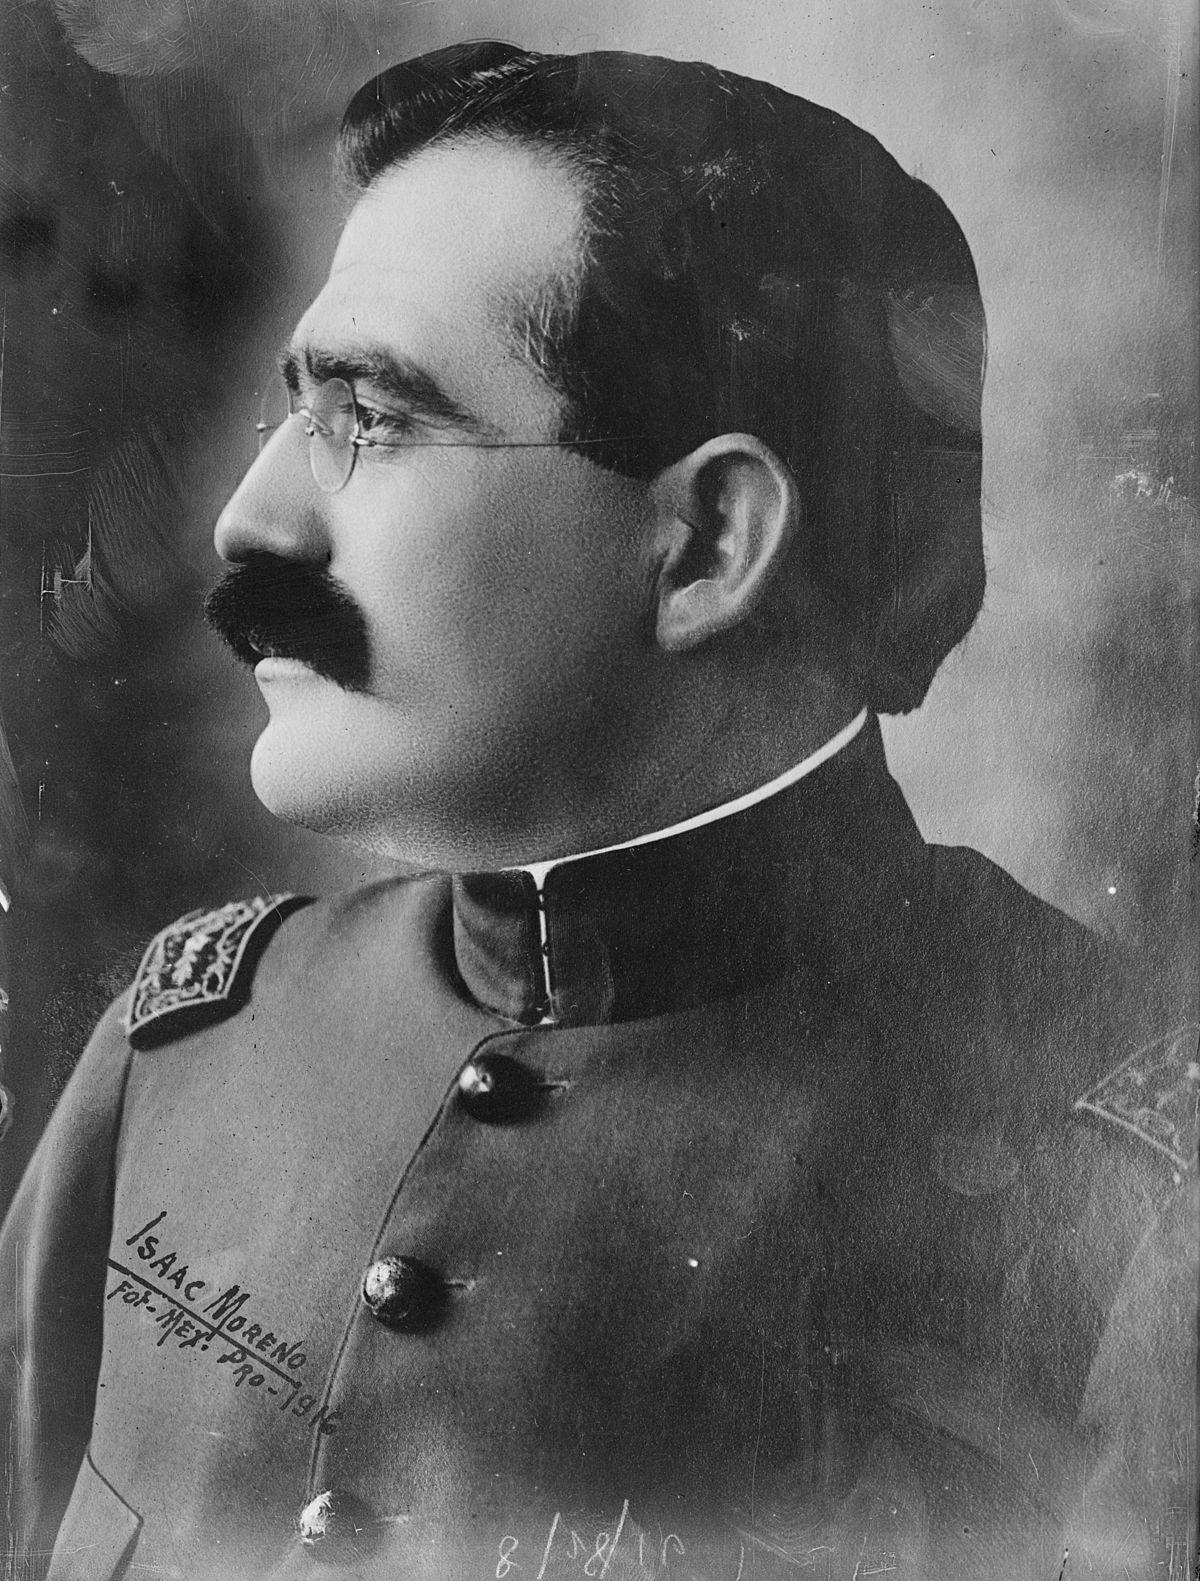 Pablo González Garza